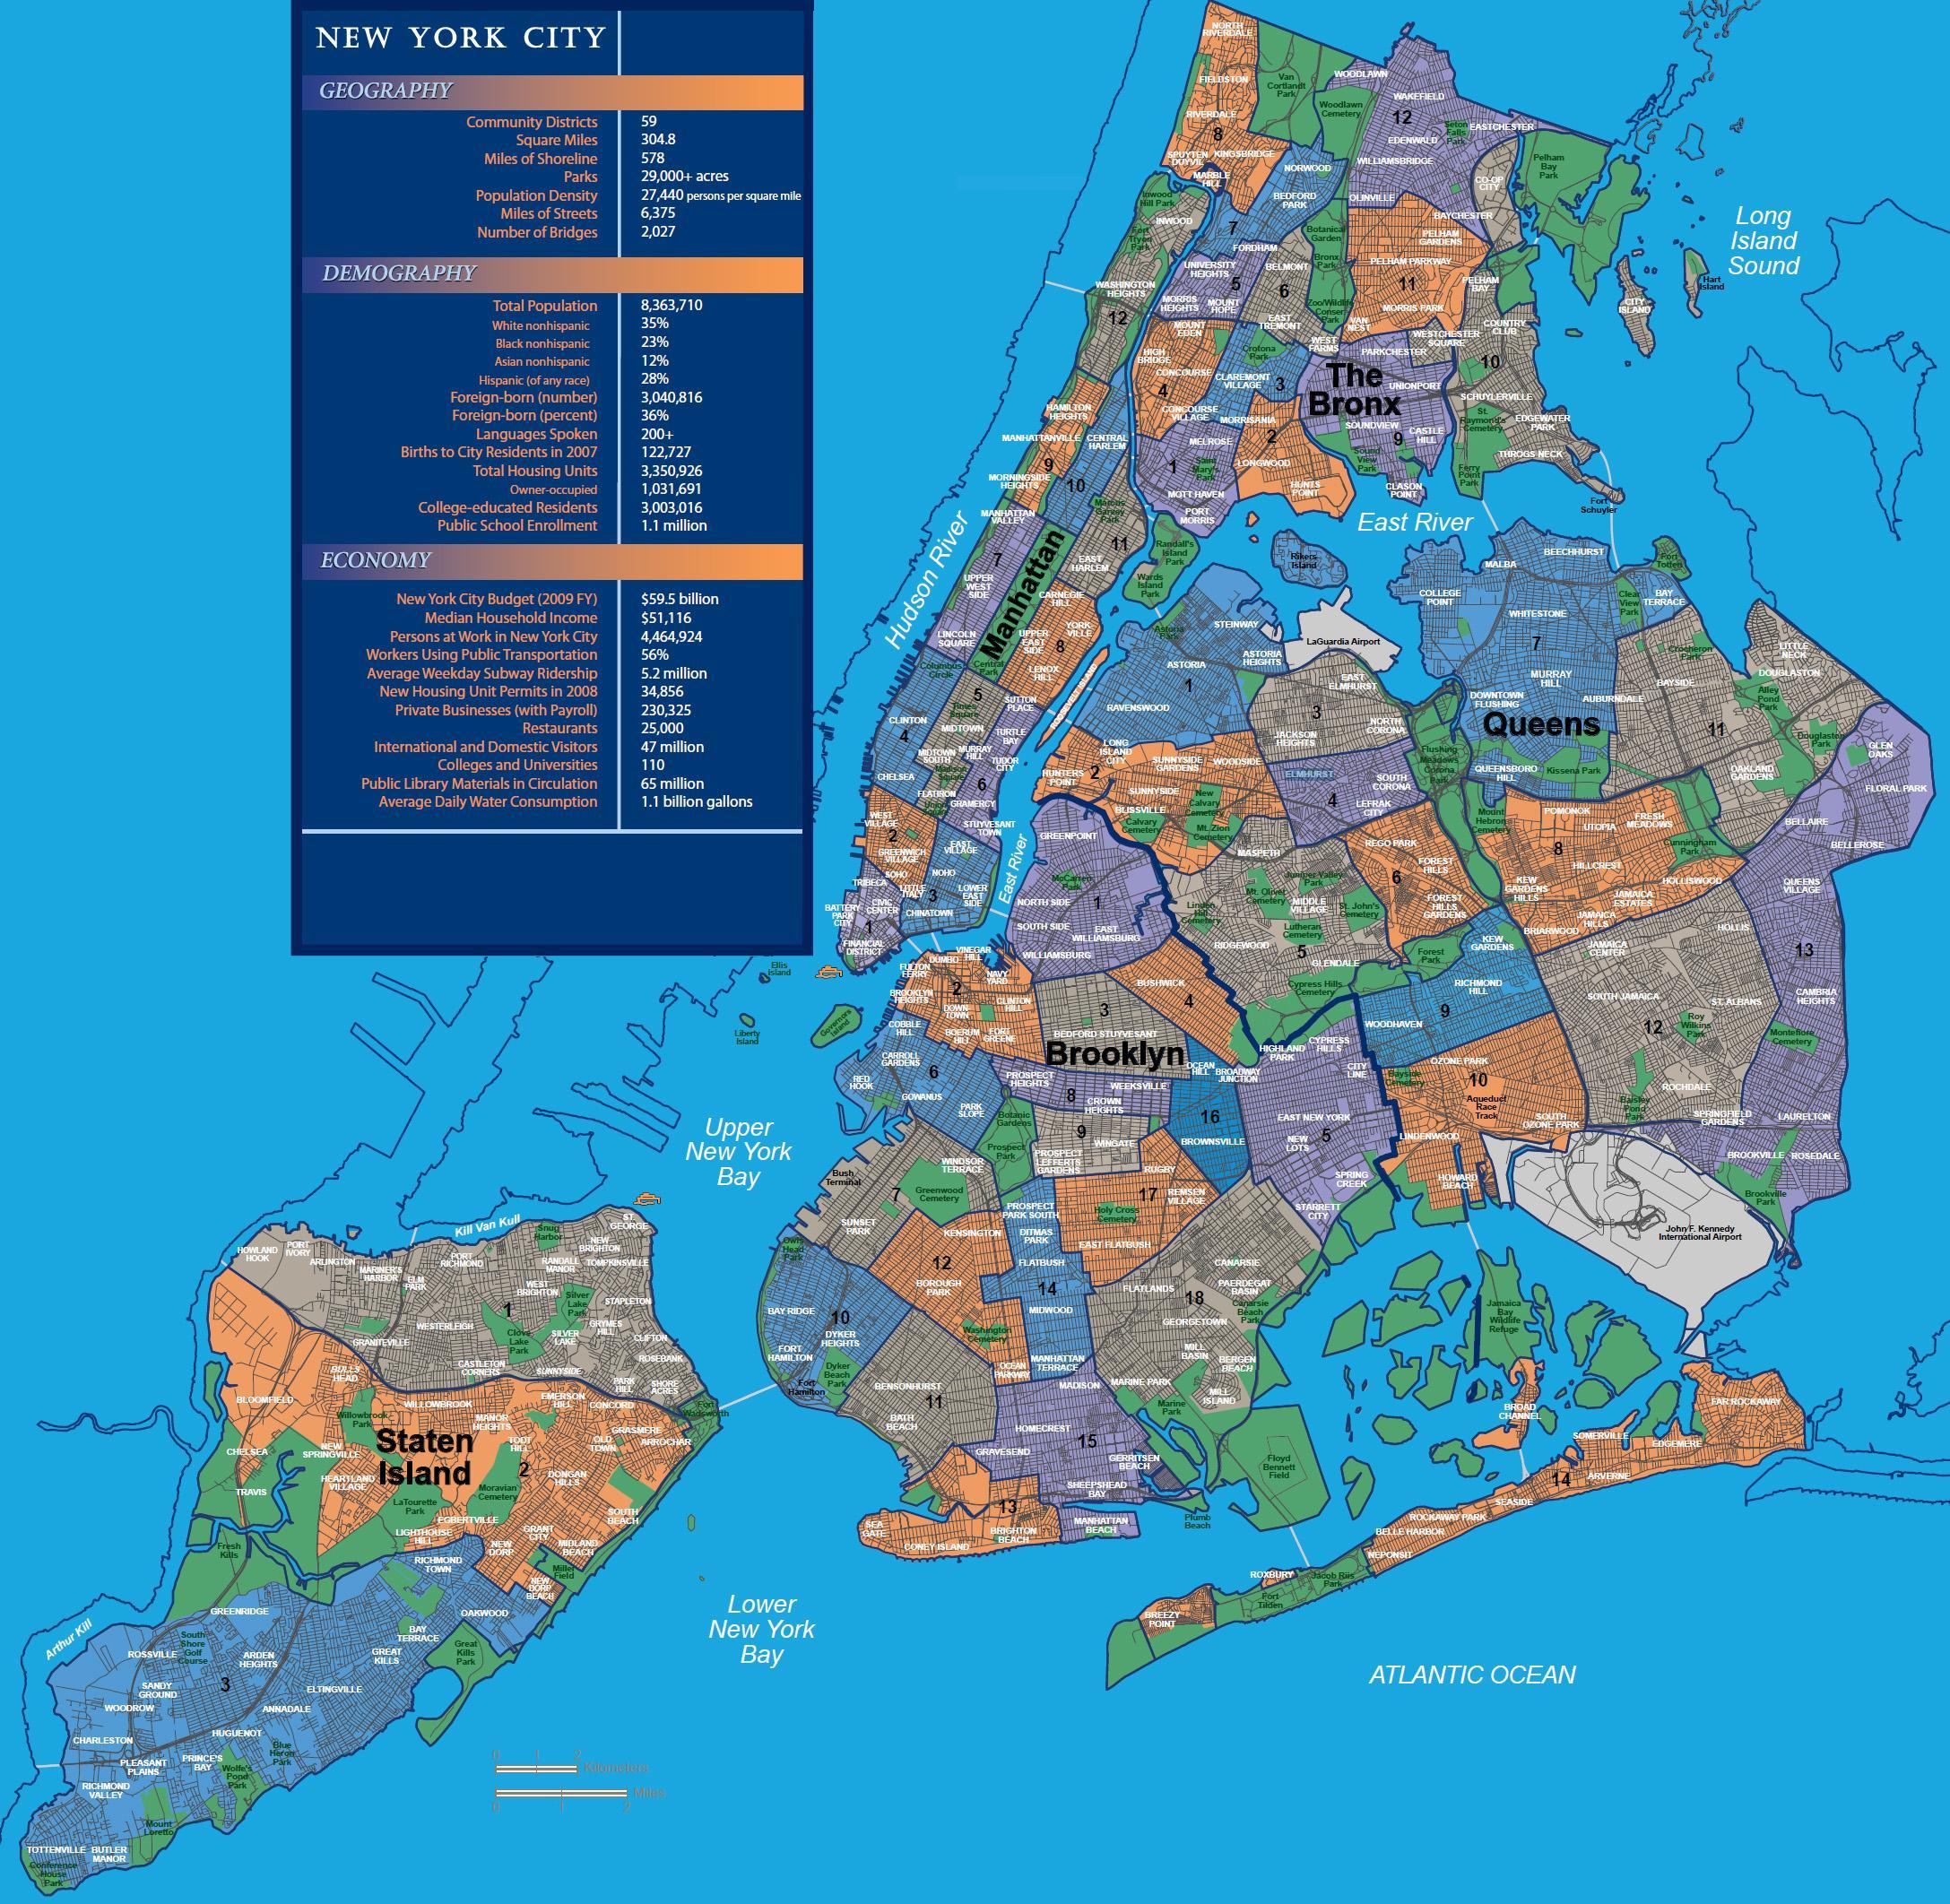 mapa ng nyc kapitbahayan